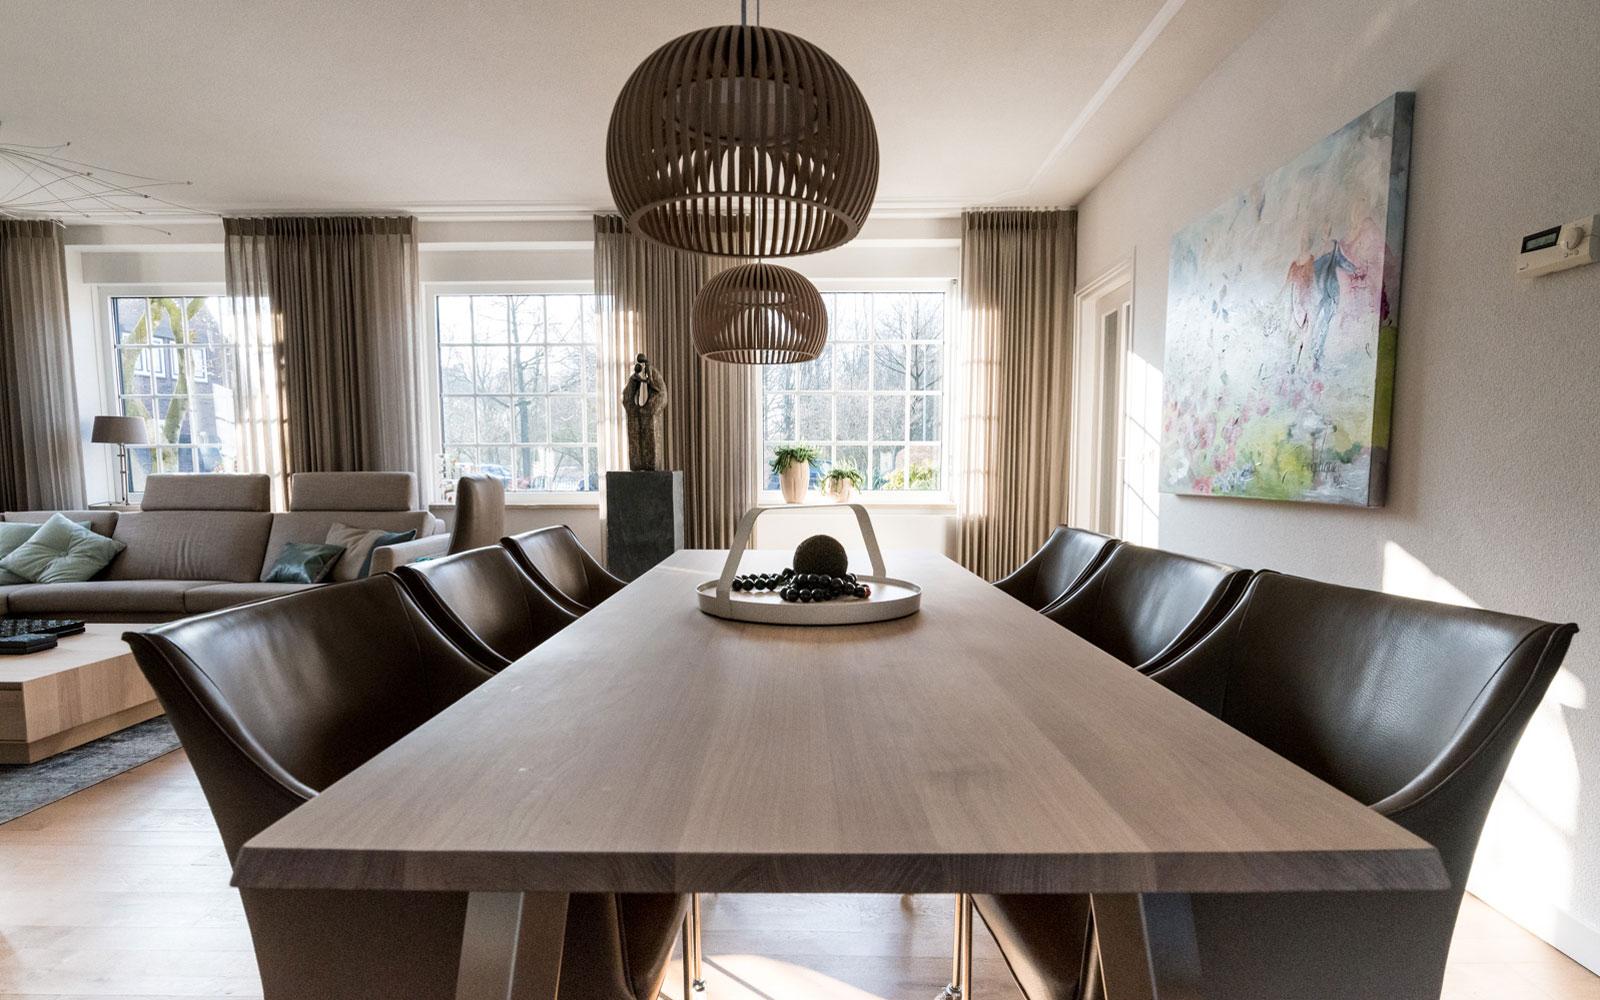 woonkamer eettafel houten tafel verlichting metamorfose interieur marstyling van oort